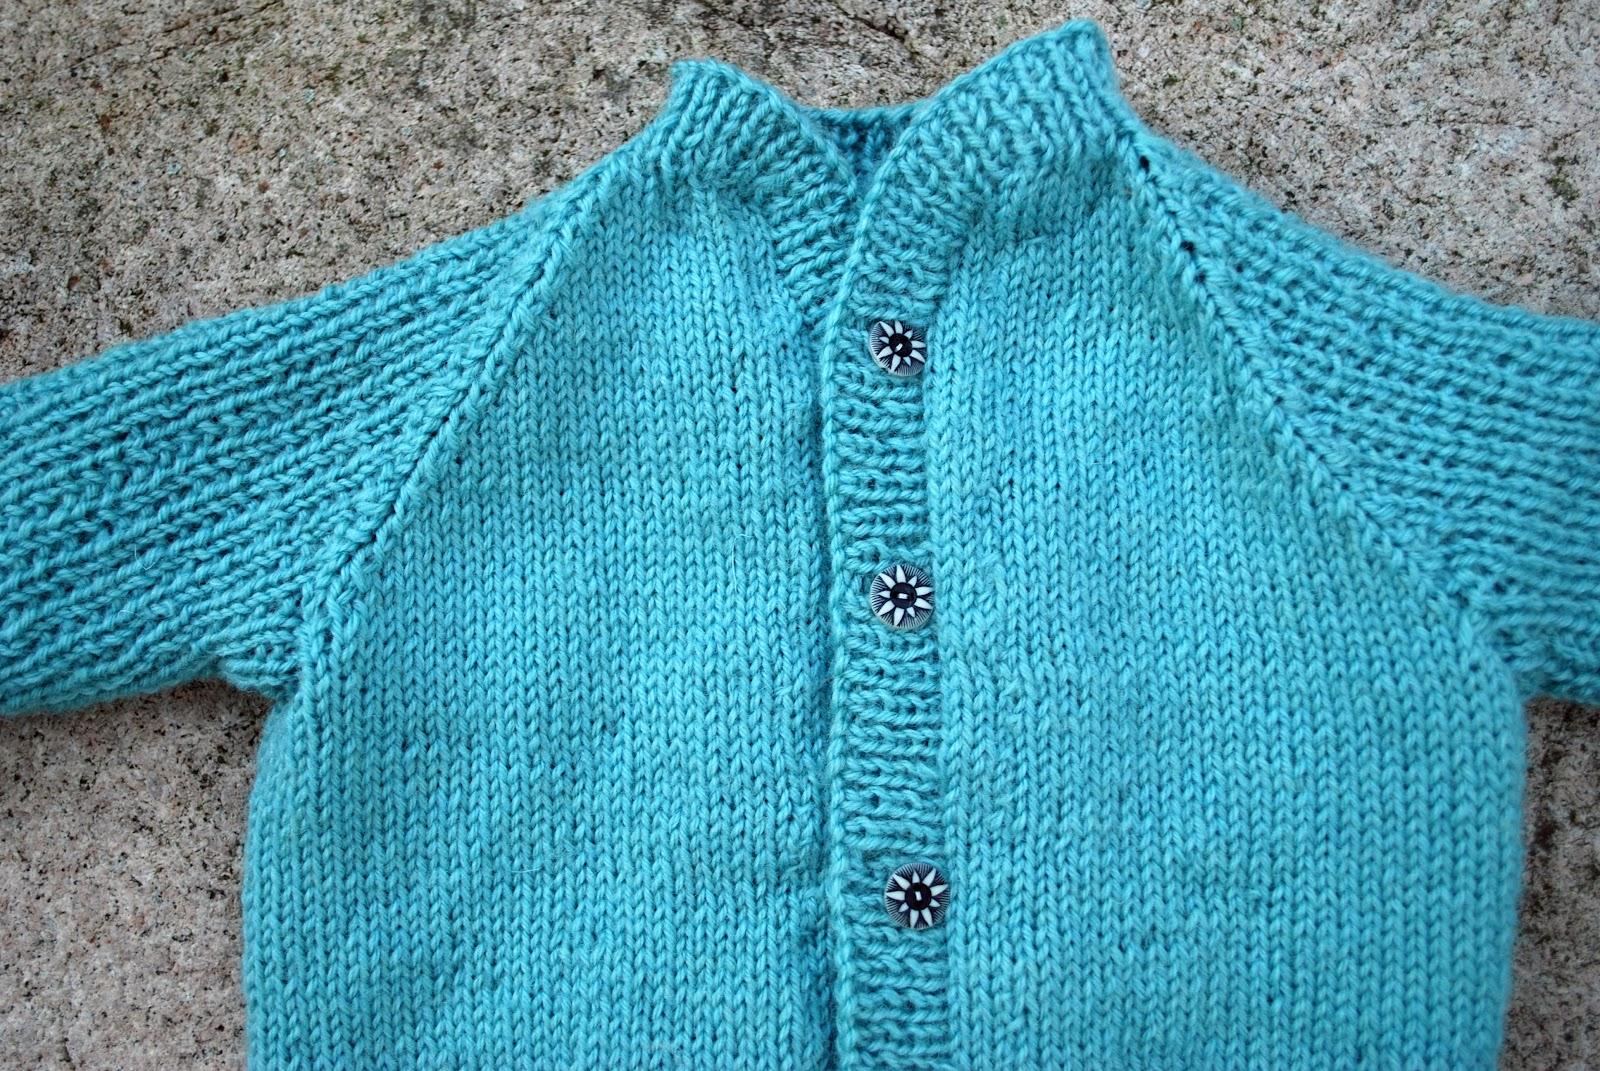 0555e2fc Jeg har tidligere strikket en genser av samme, har enda en klar til  blogging og tenker etterhvert å få renskrevet mønsteret.